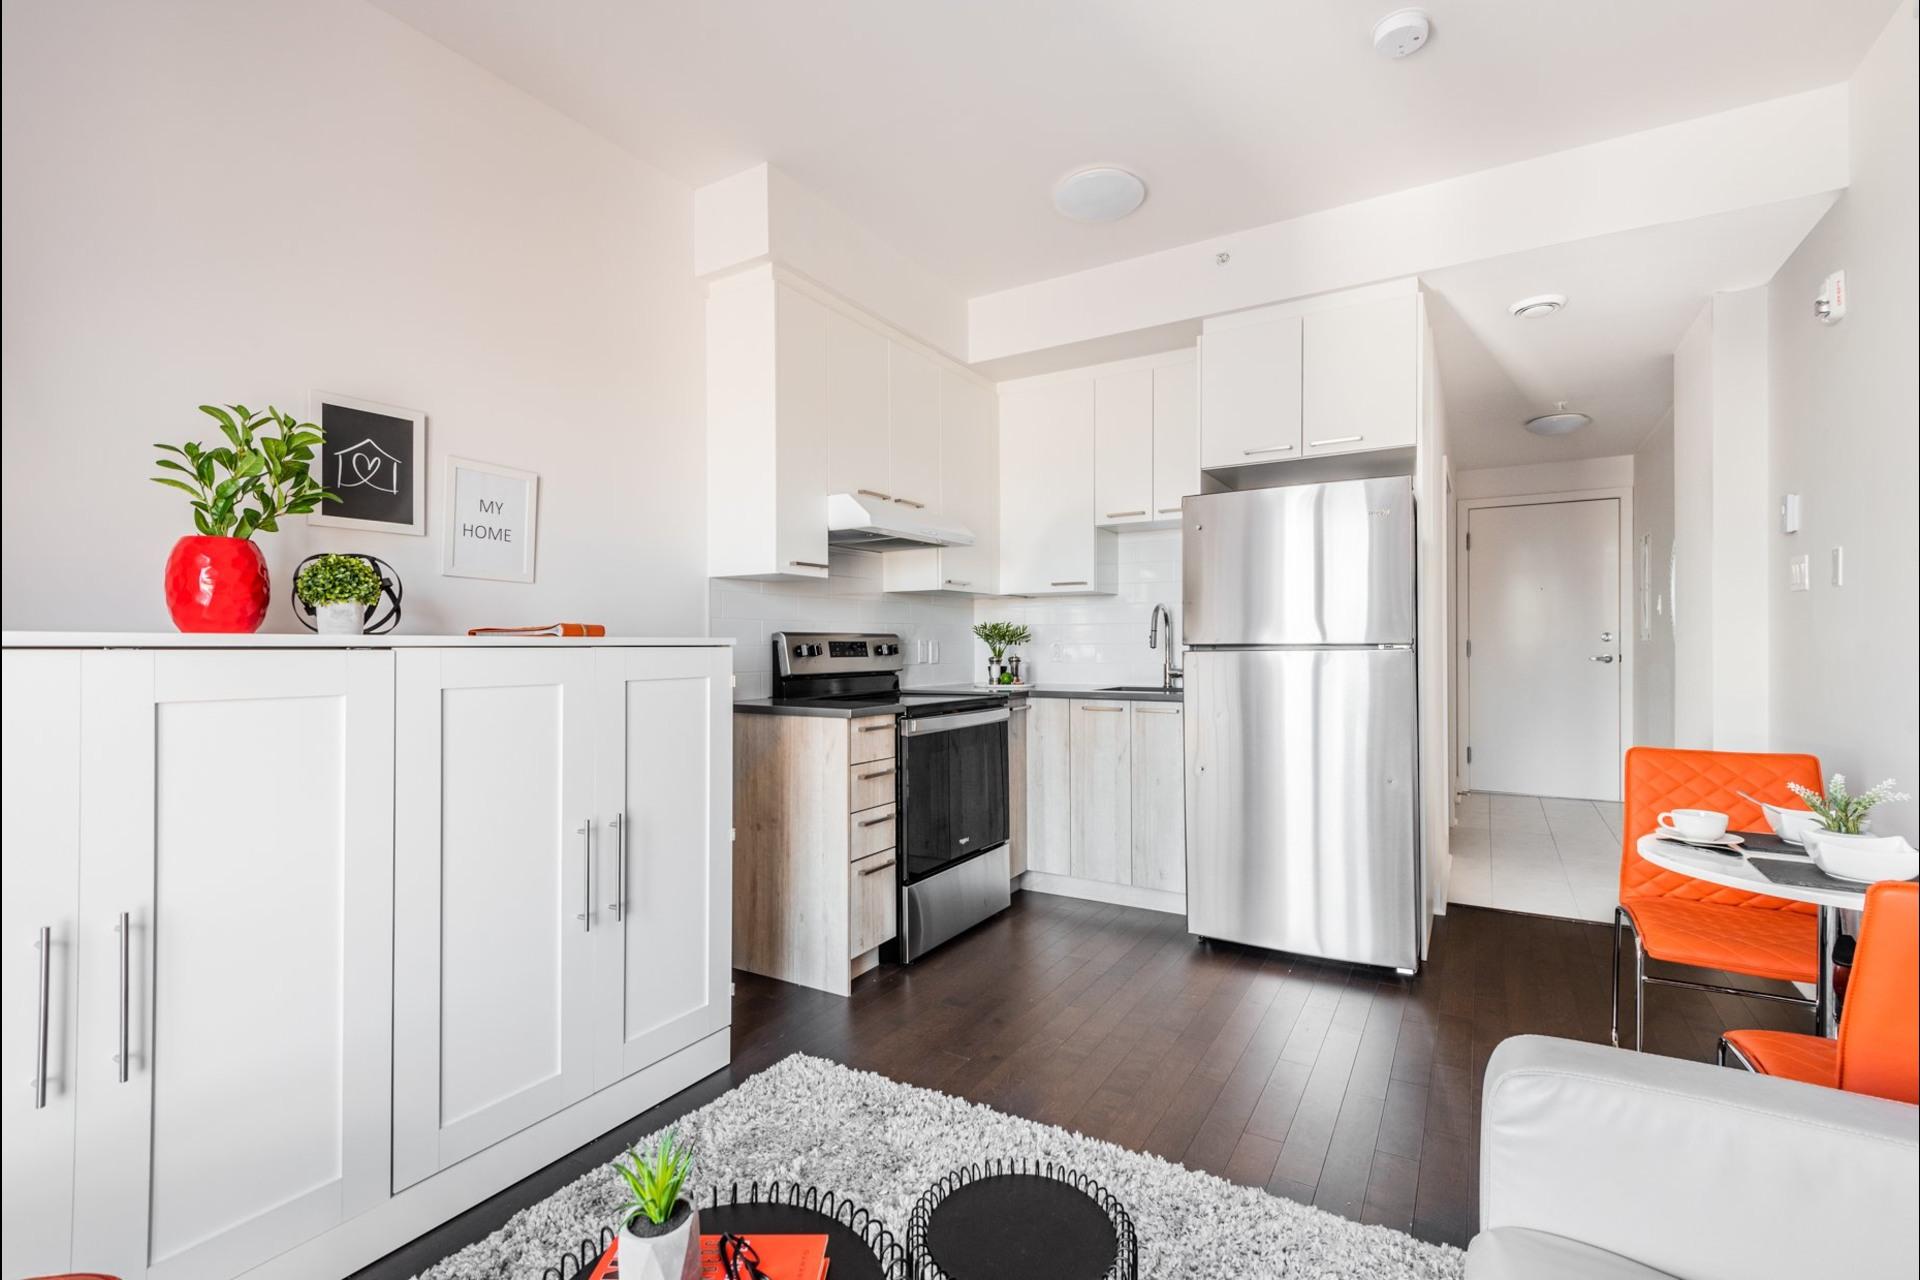 image 7 - Apartment For sale Villeray/Saint-Michel/Parc-Extension Montréal  - 3 rooms